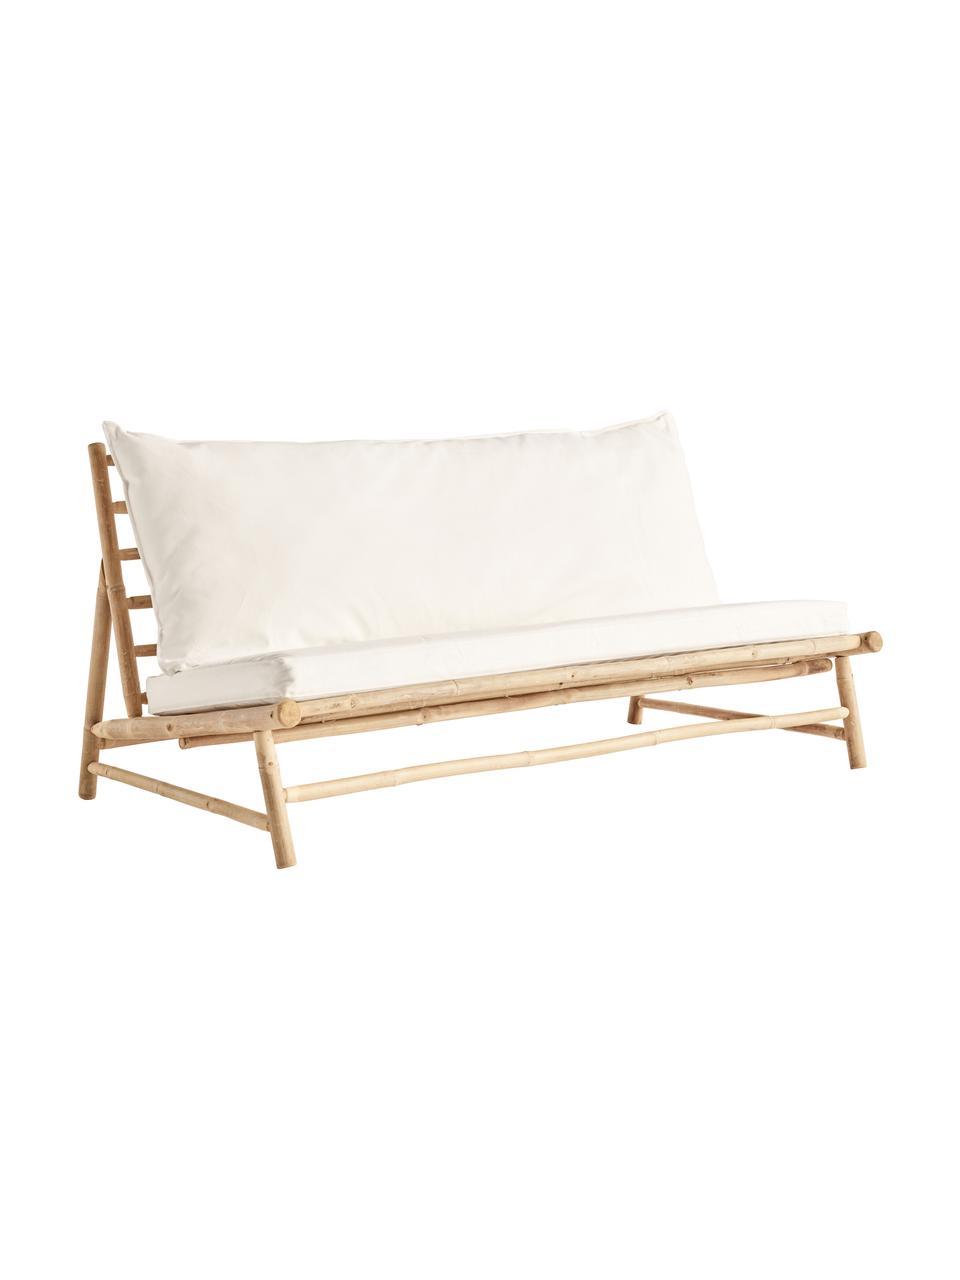 Bambus-Loungesofa Bamslow mit Polsterauflage, Gestell: Bambus, Bezug: 100% Baumwolle, Weiß, Braun, B 160 x T 87 cm